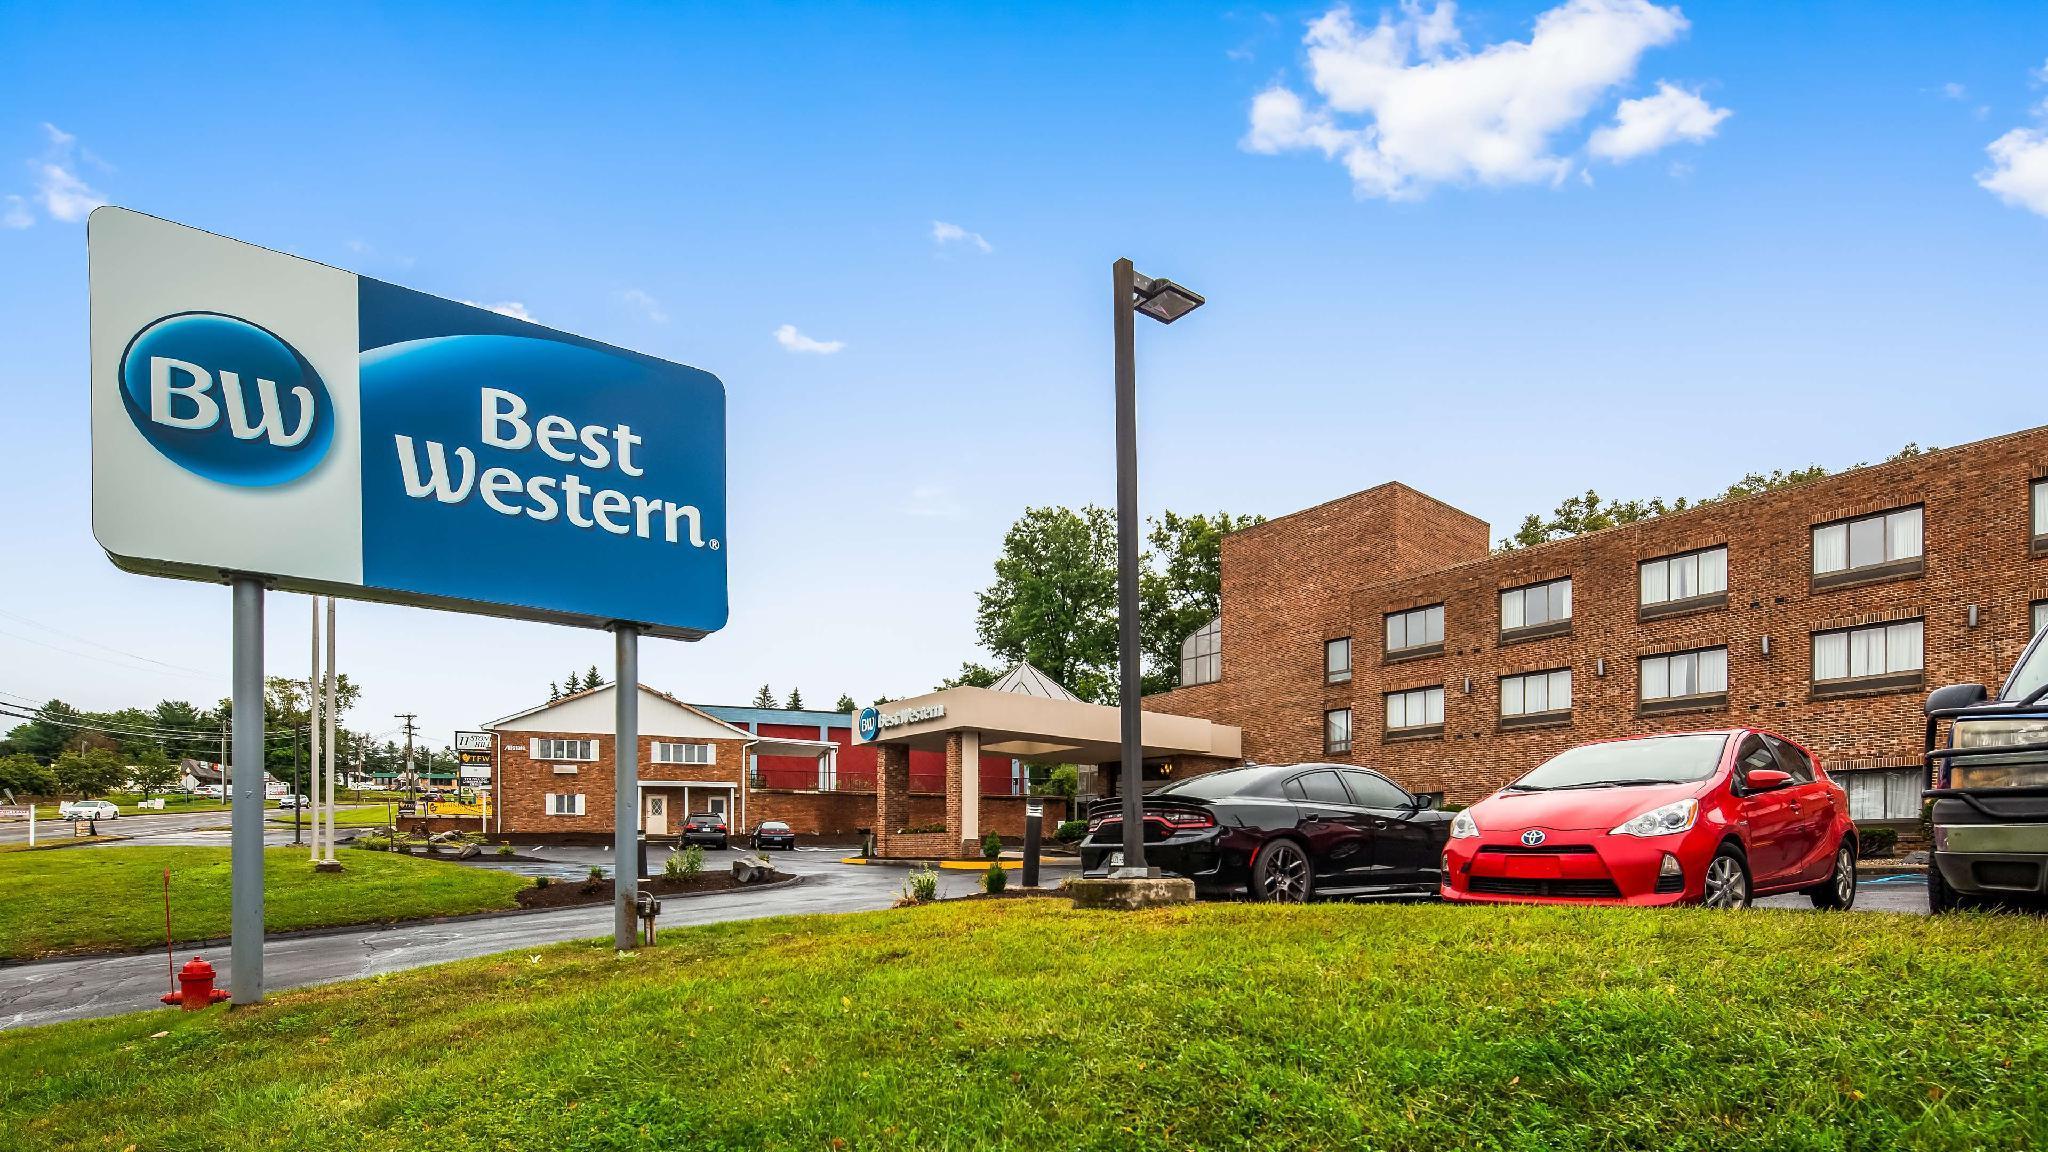 Best Western Danbury Bethel